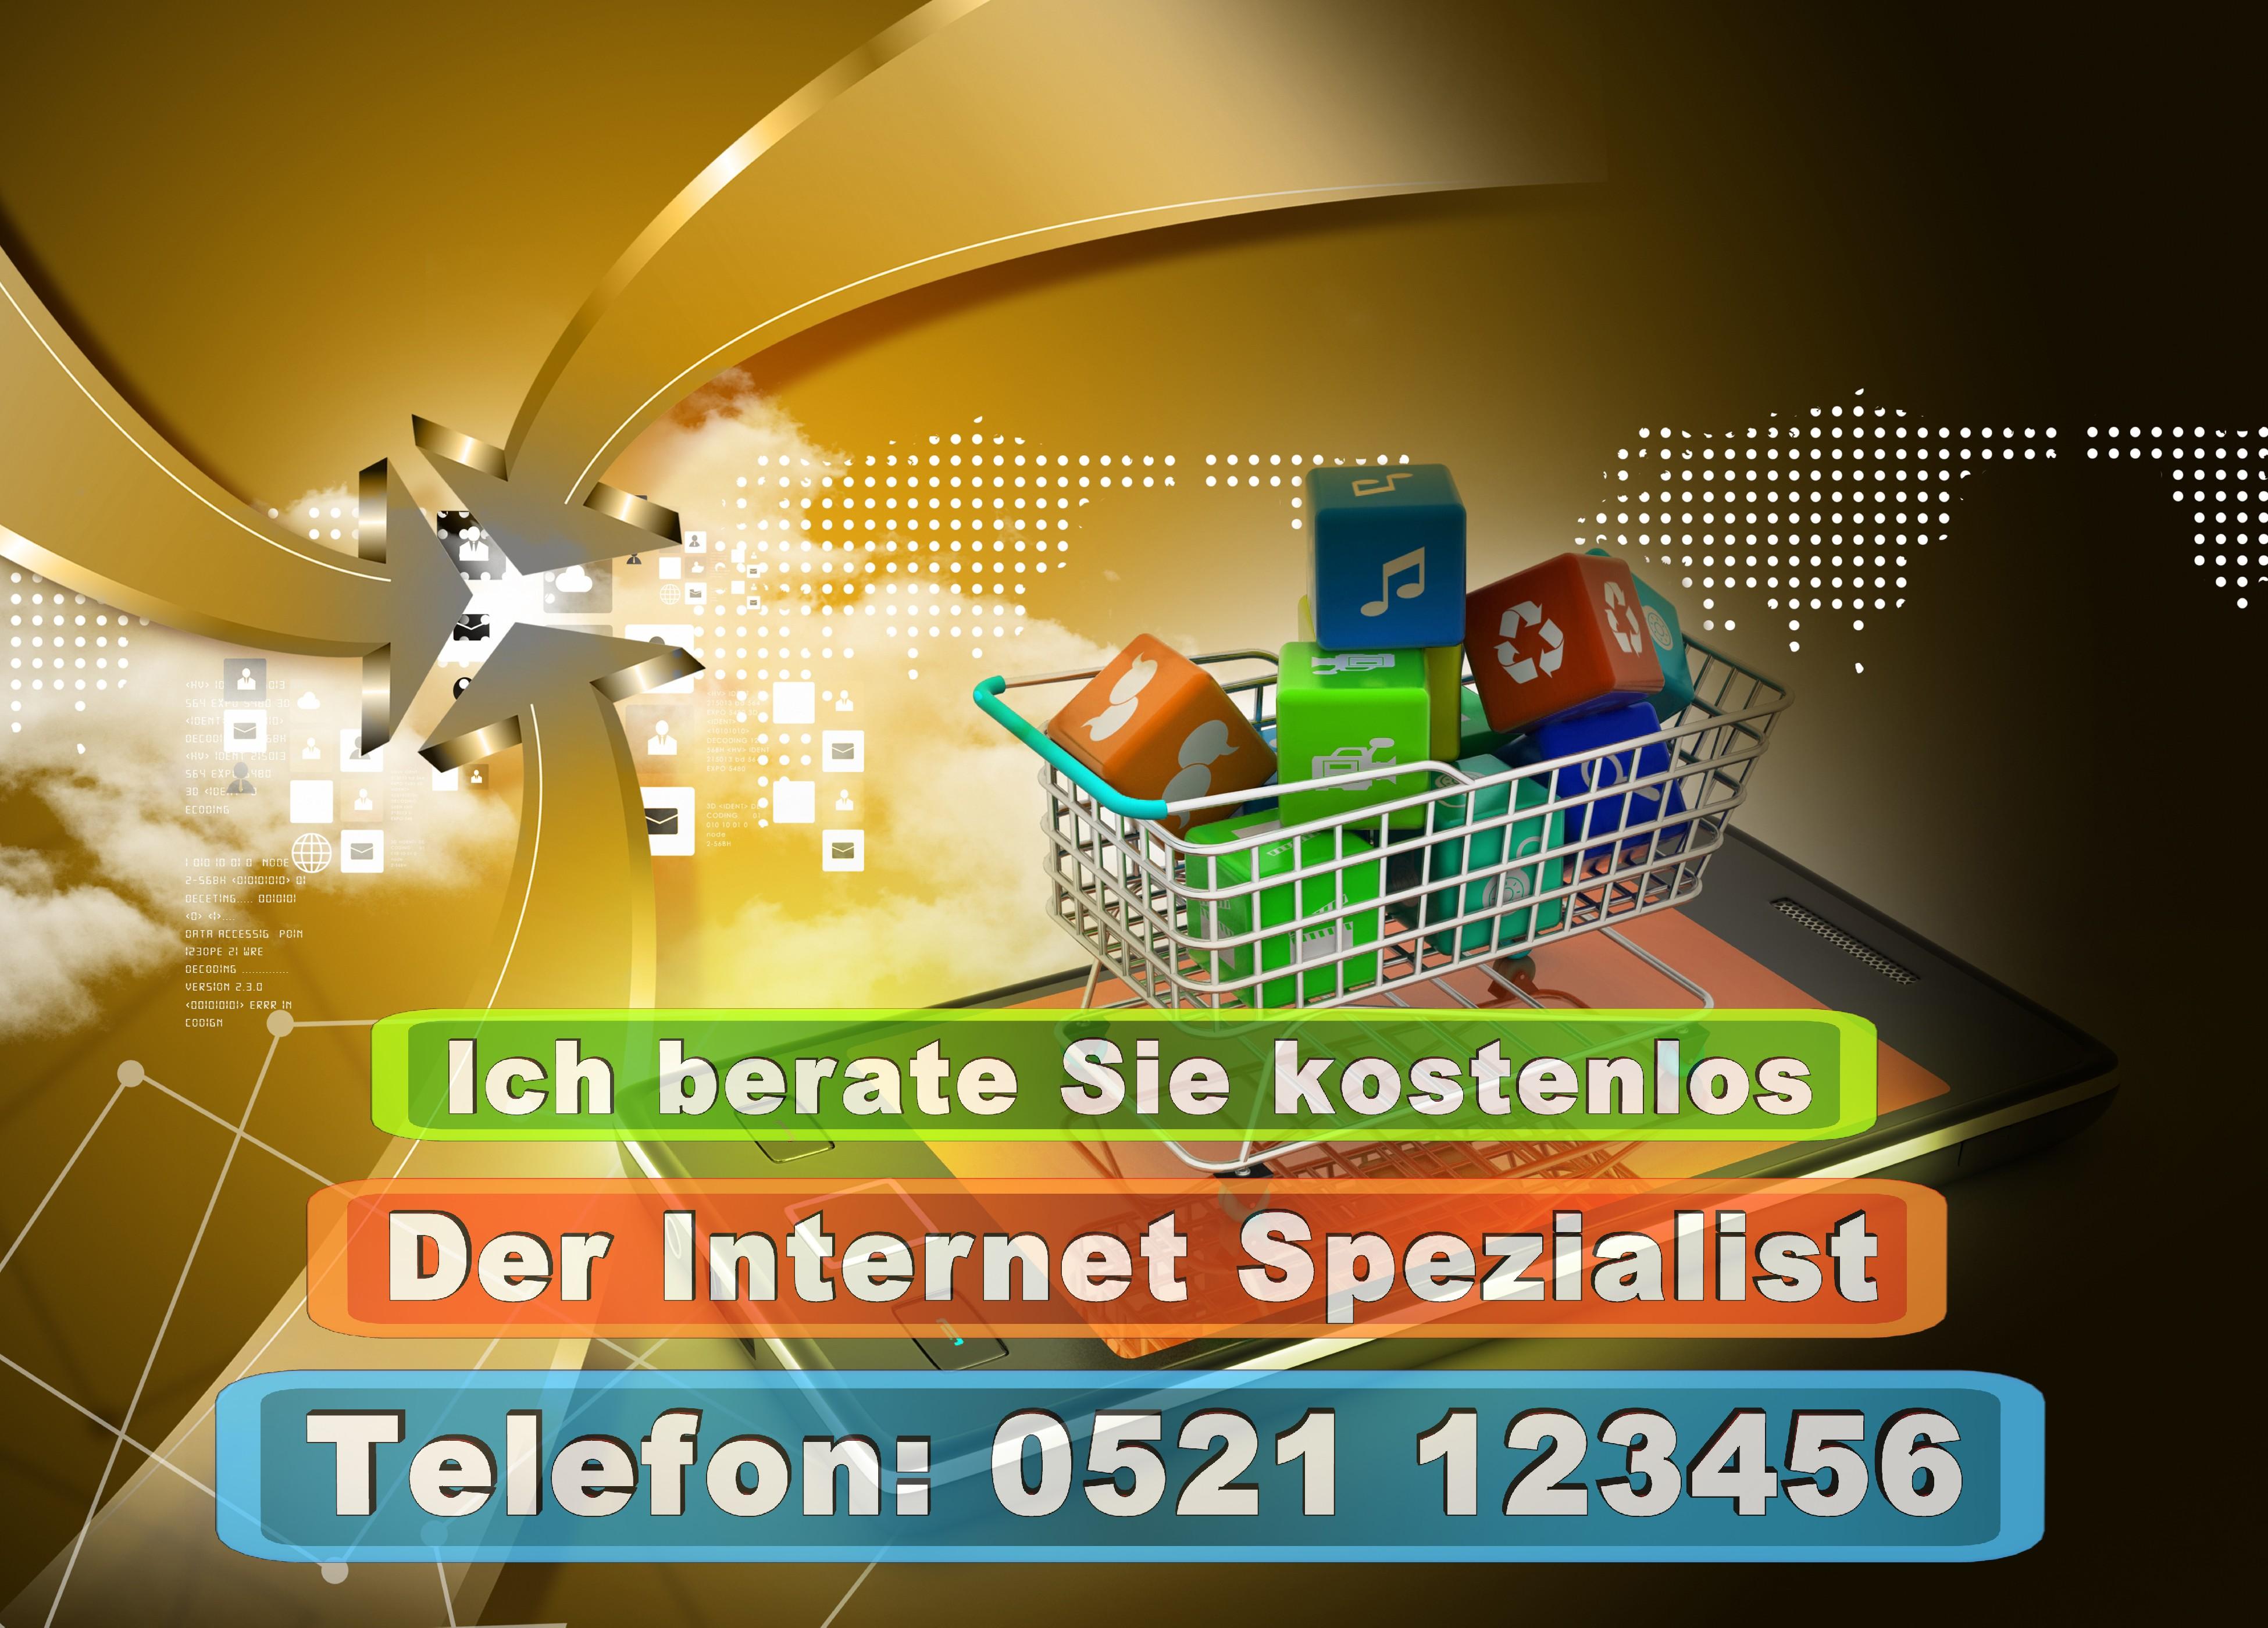 Werbeagentur Bielefeld Druckerei Bielefeld Prospekte Zeitung Visitenkarten Poster Werbung Print Presse Druck Fotografie Fotos Internet (33)